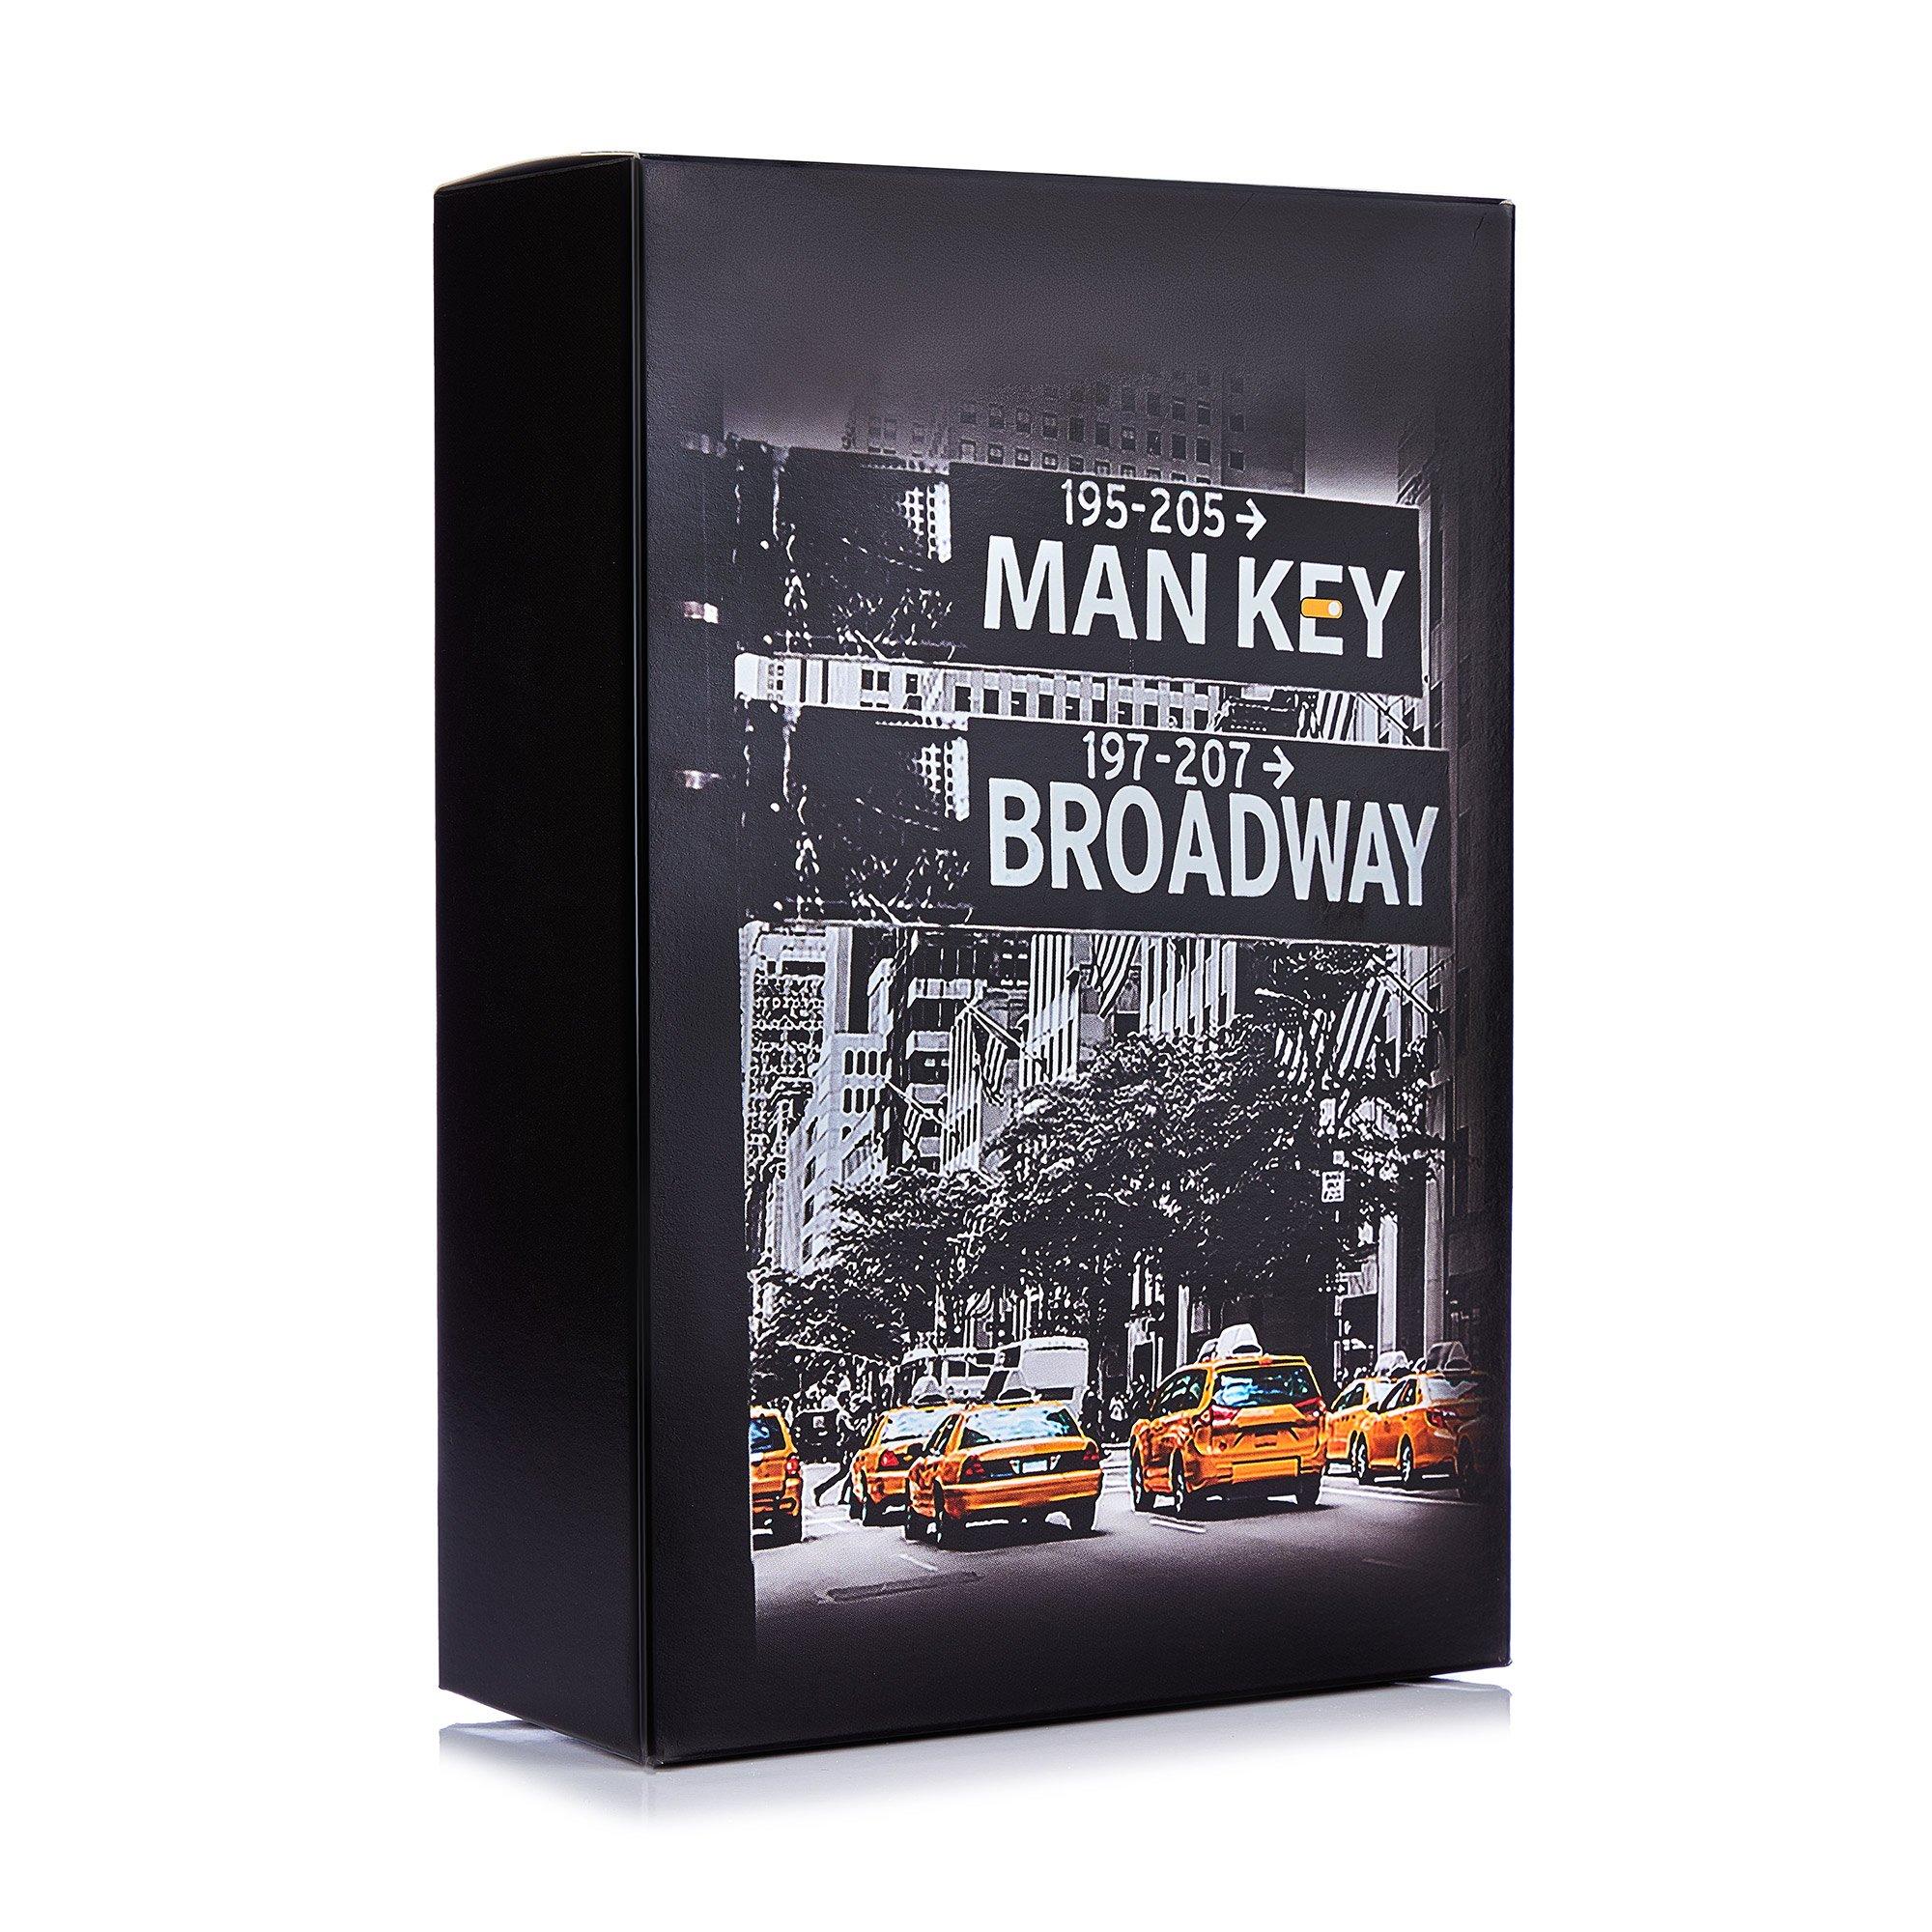 MAN KEY / Подарунковий набір чоловічий Man Key Broadway (гель для душу + шампунь-кондиціонер + мочалка)